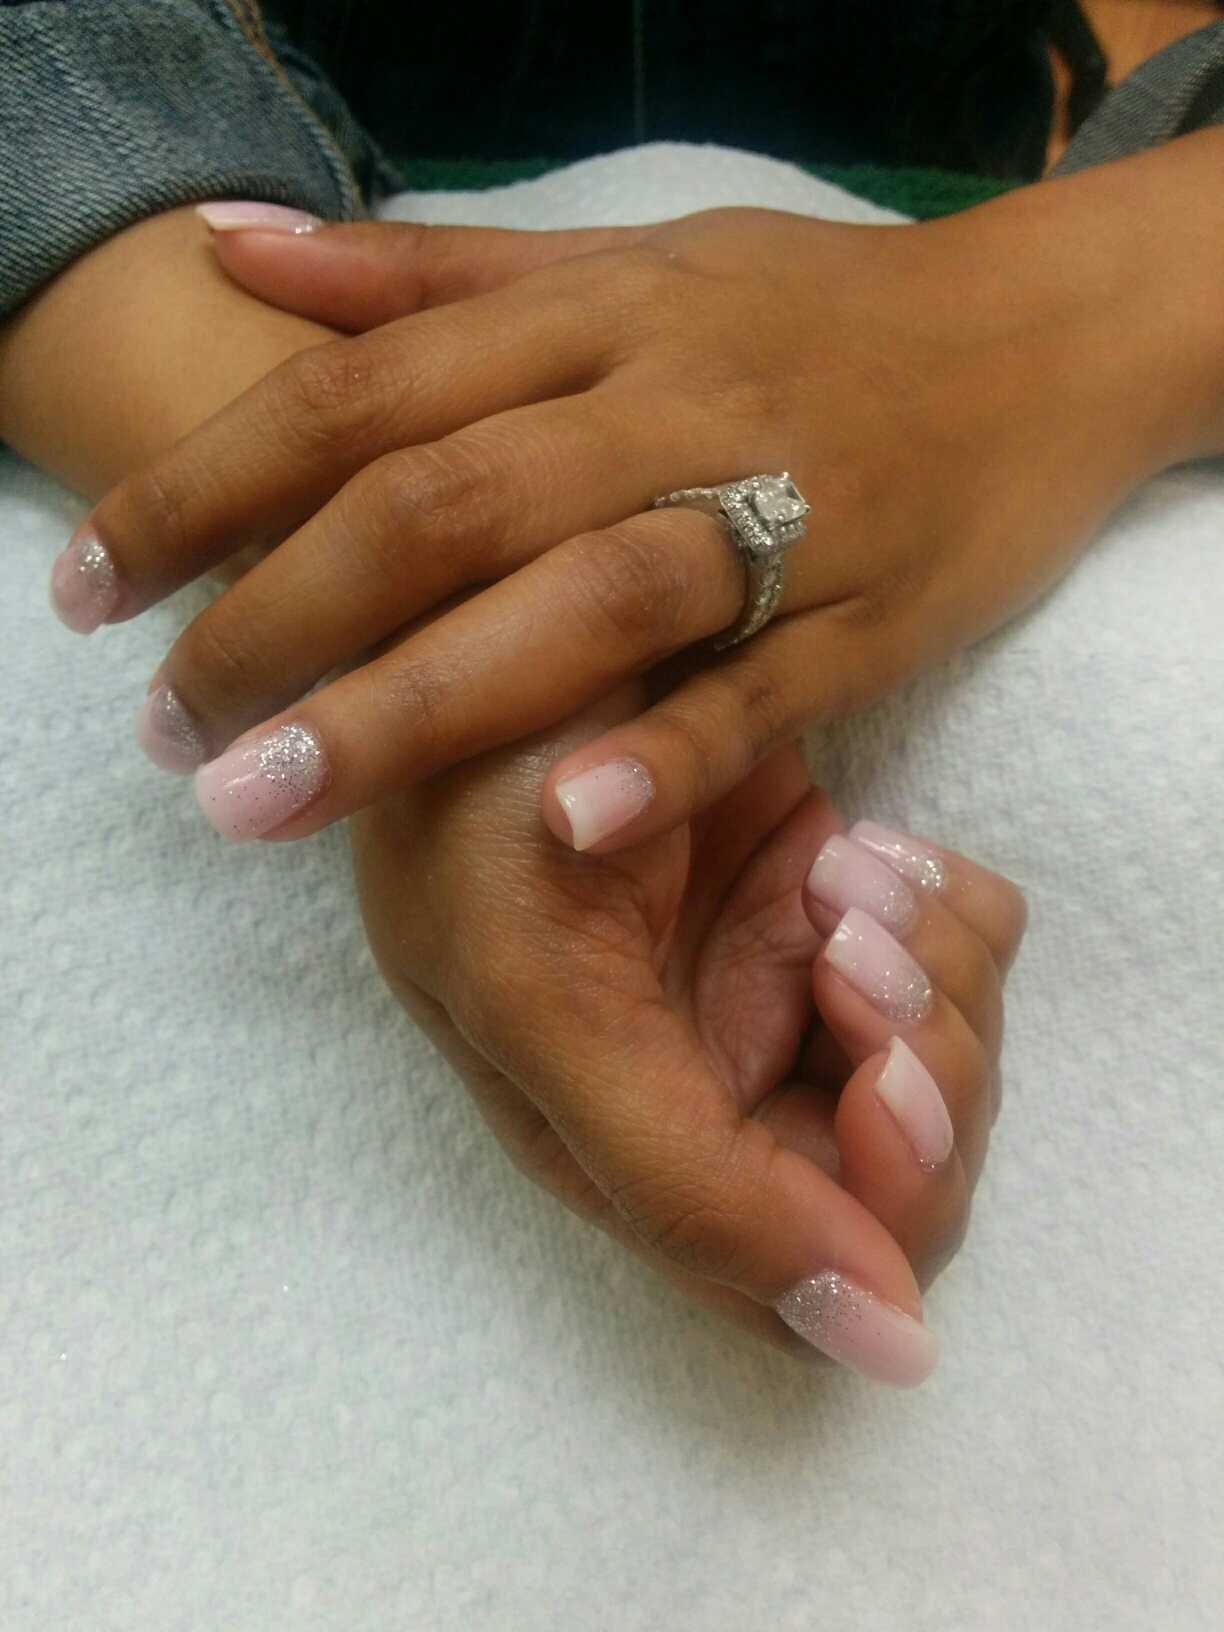 Beautiful ANC nails by Basha | Nail shop, Pretty nails